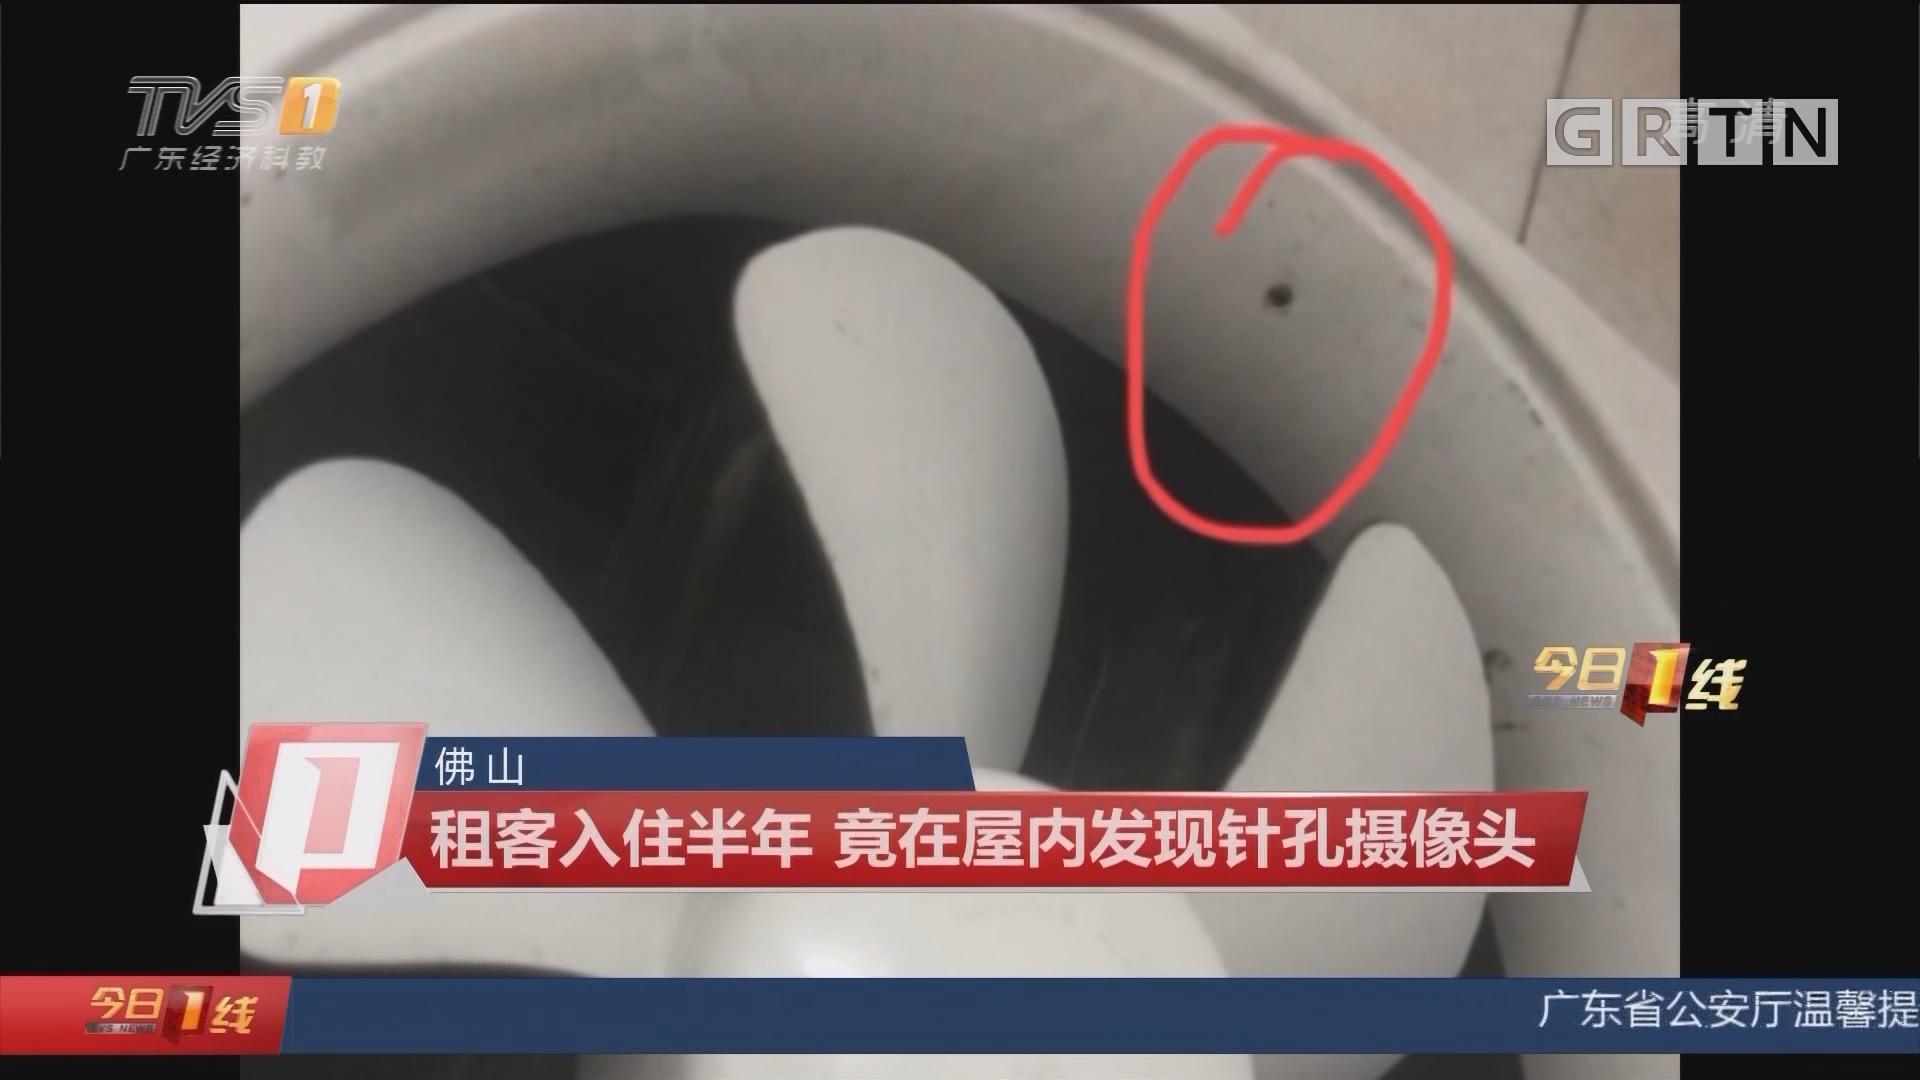 佛山:租客入住半年 竟在屋内发现针孔摄像头